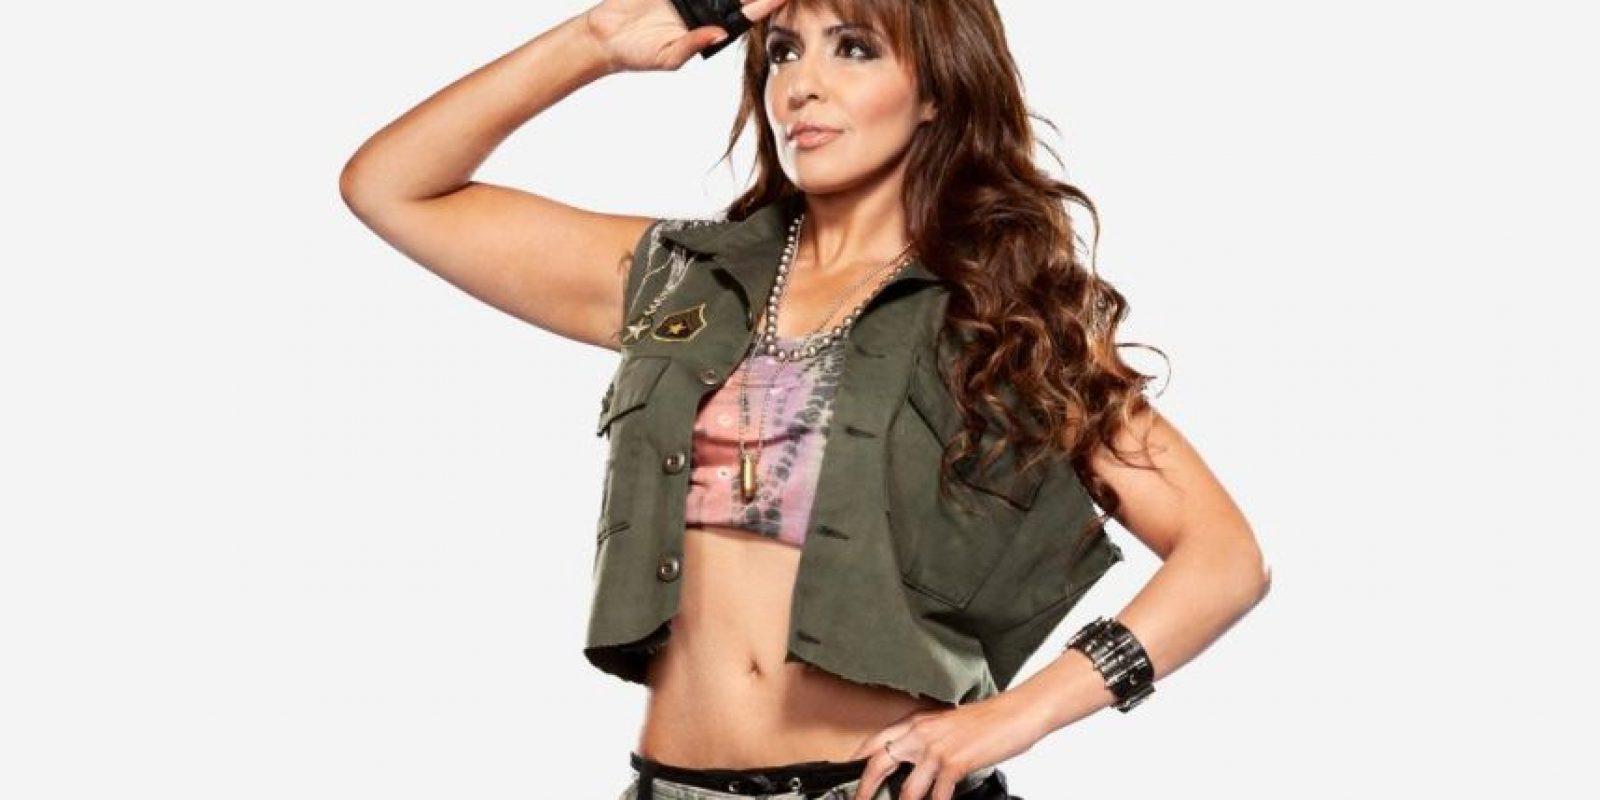 Fue campeona de las Divas de la WWE y también obtuvo el Campeonato Femenino de la WWE. Foto:wwe.com